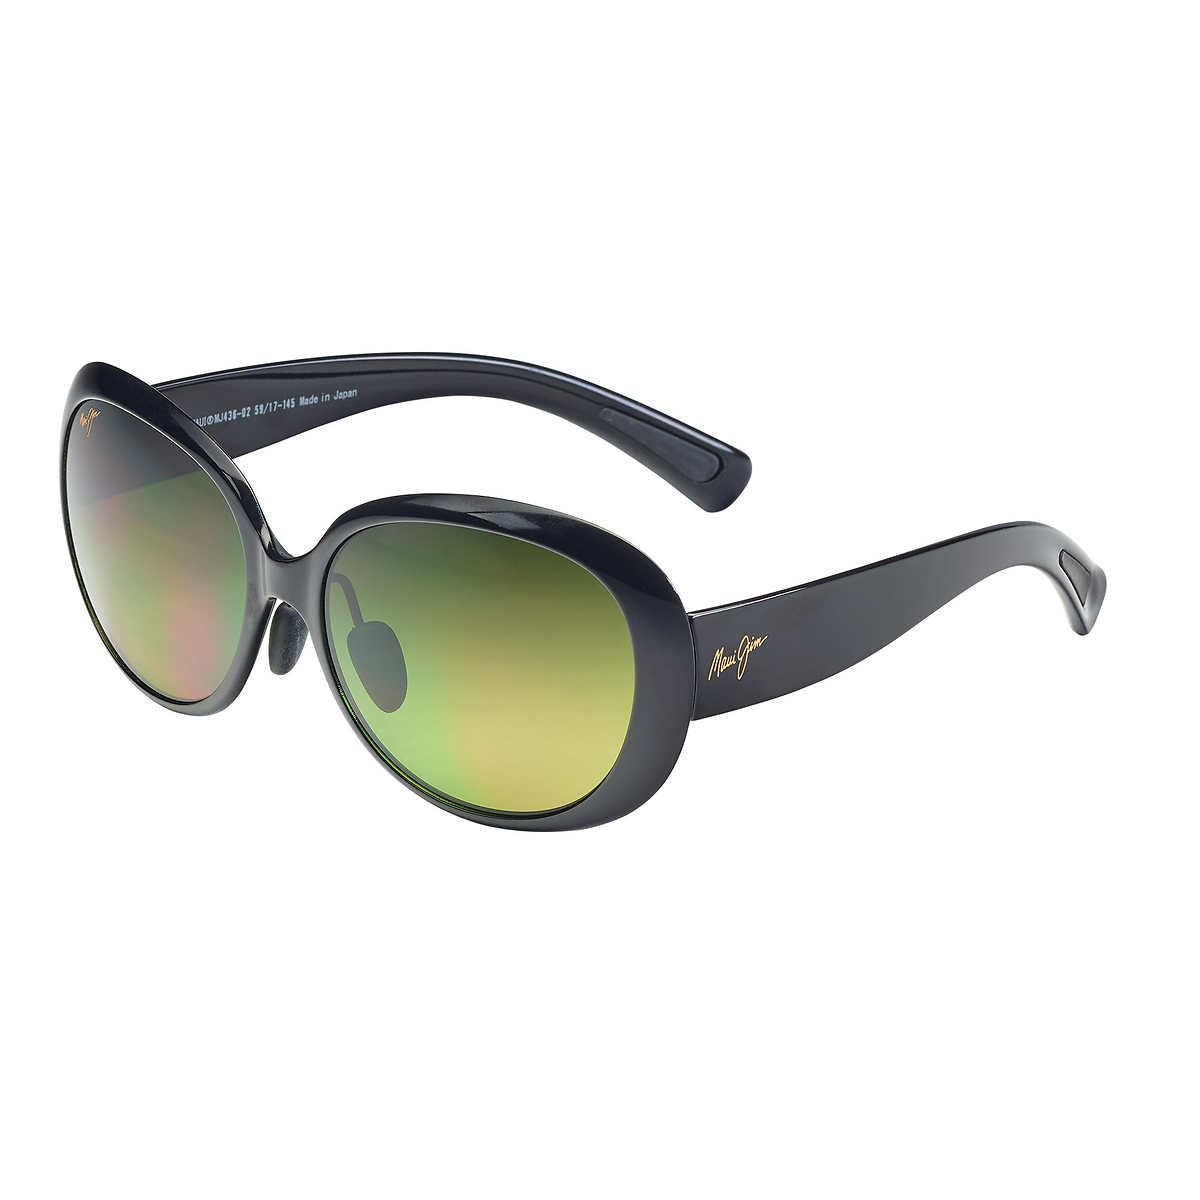 Maui Jim HTS436-02 Nahiku Polarized Sunglasses Gloss Black Frame / Maui HT Lens